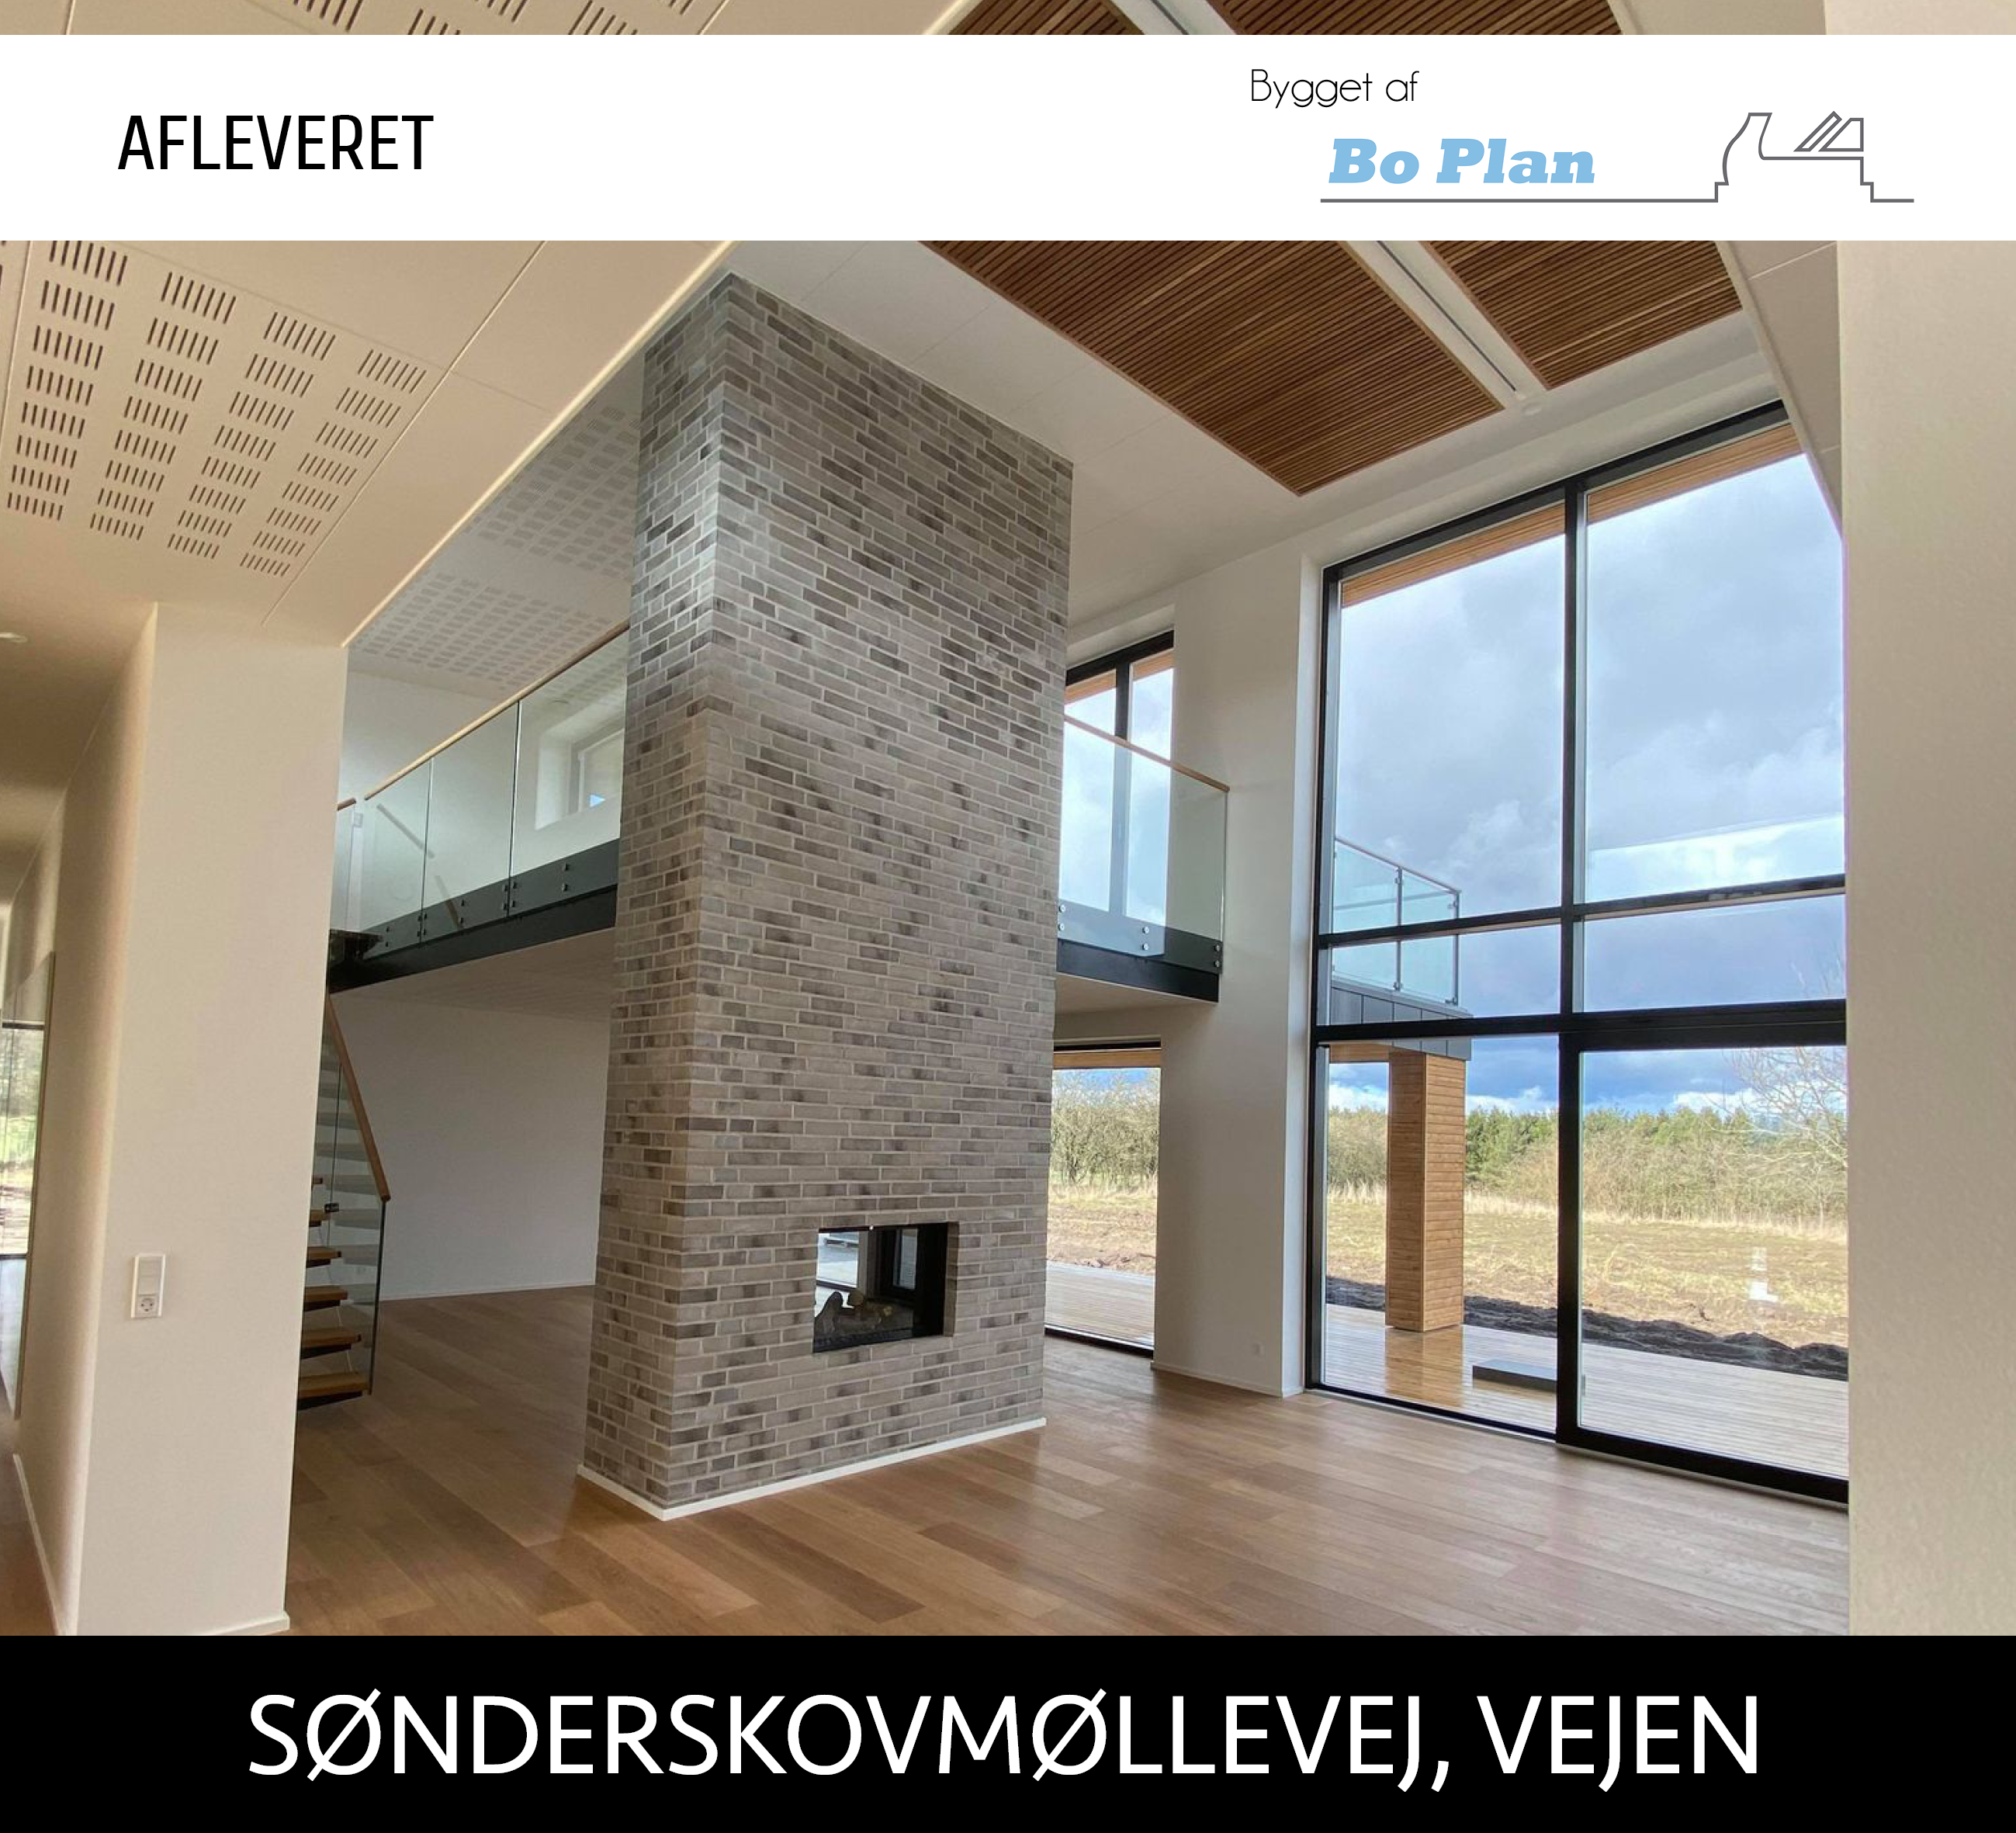 Sønderskovmøllevej,Vejen_afleveret4